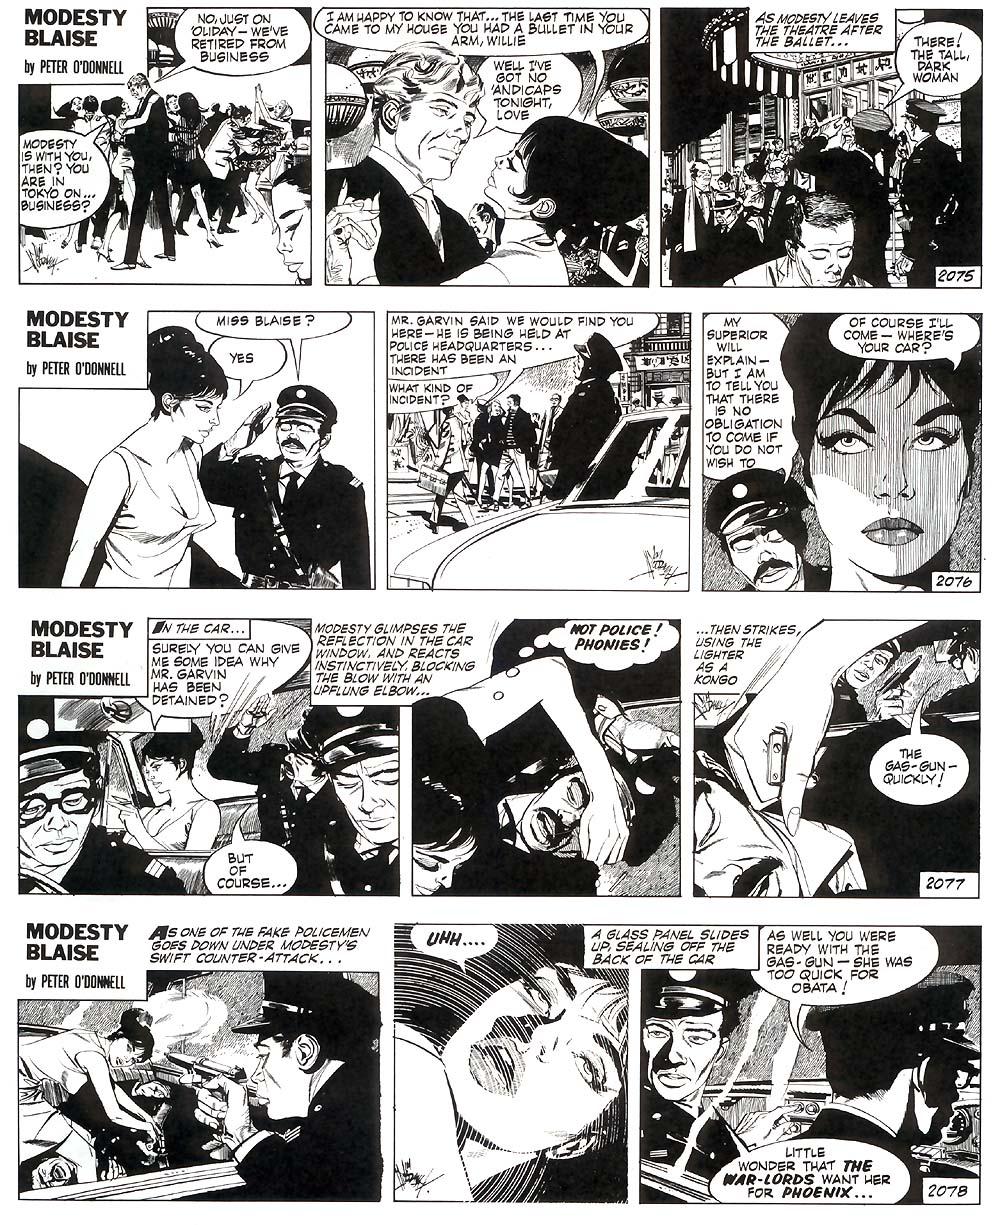 Modesty blaise comic strip 1